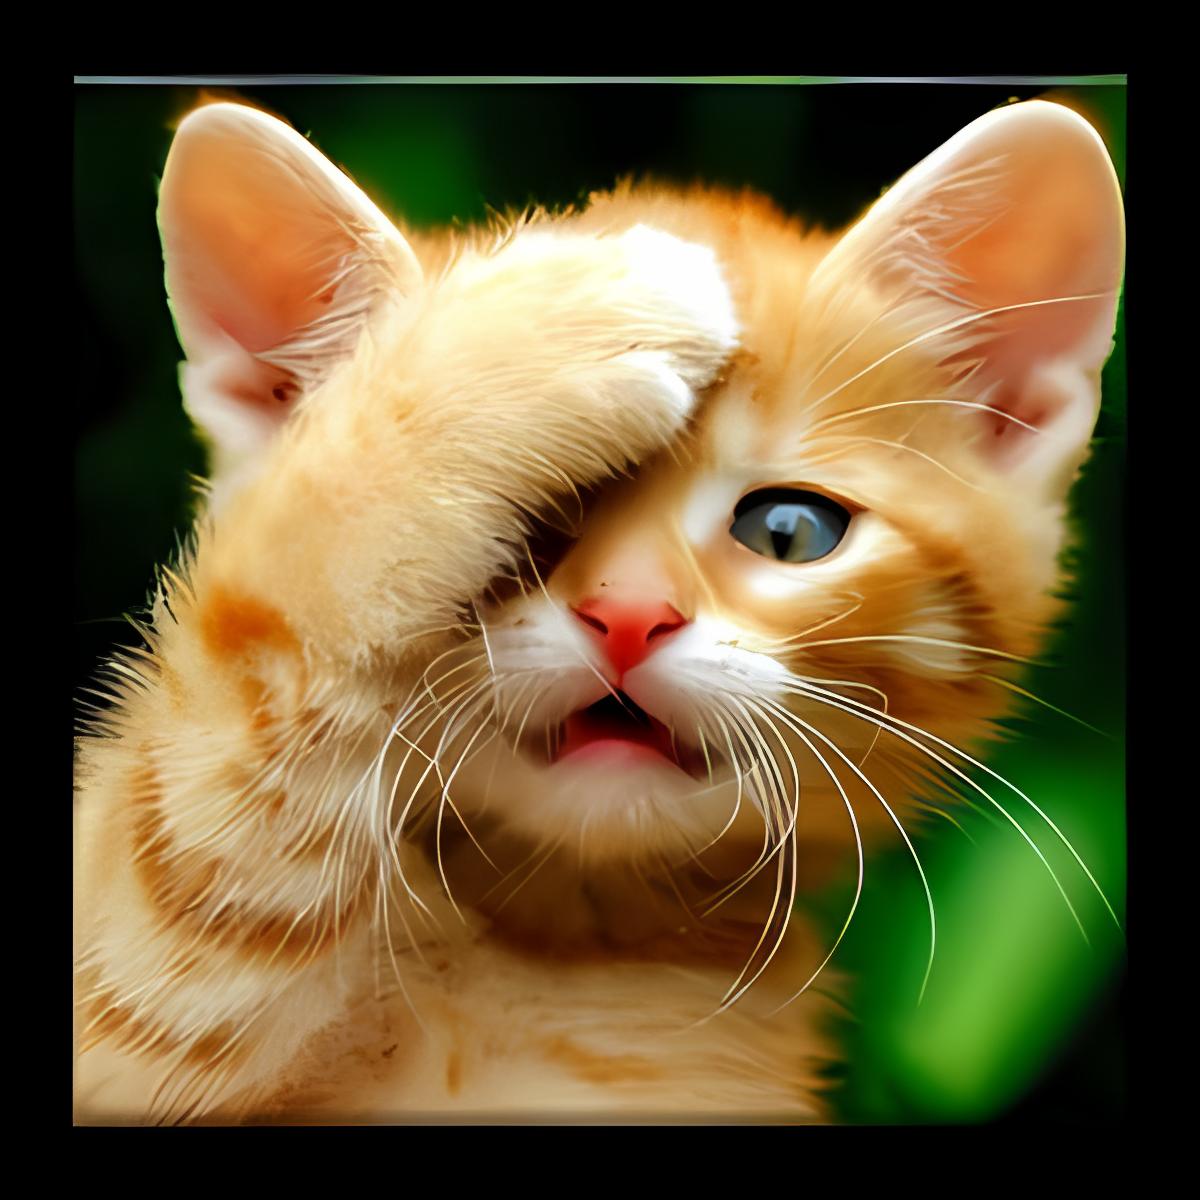 Gatos Fondos y fotos graciosas 1.5